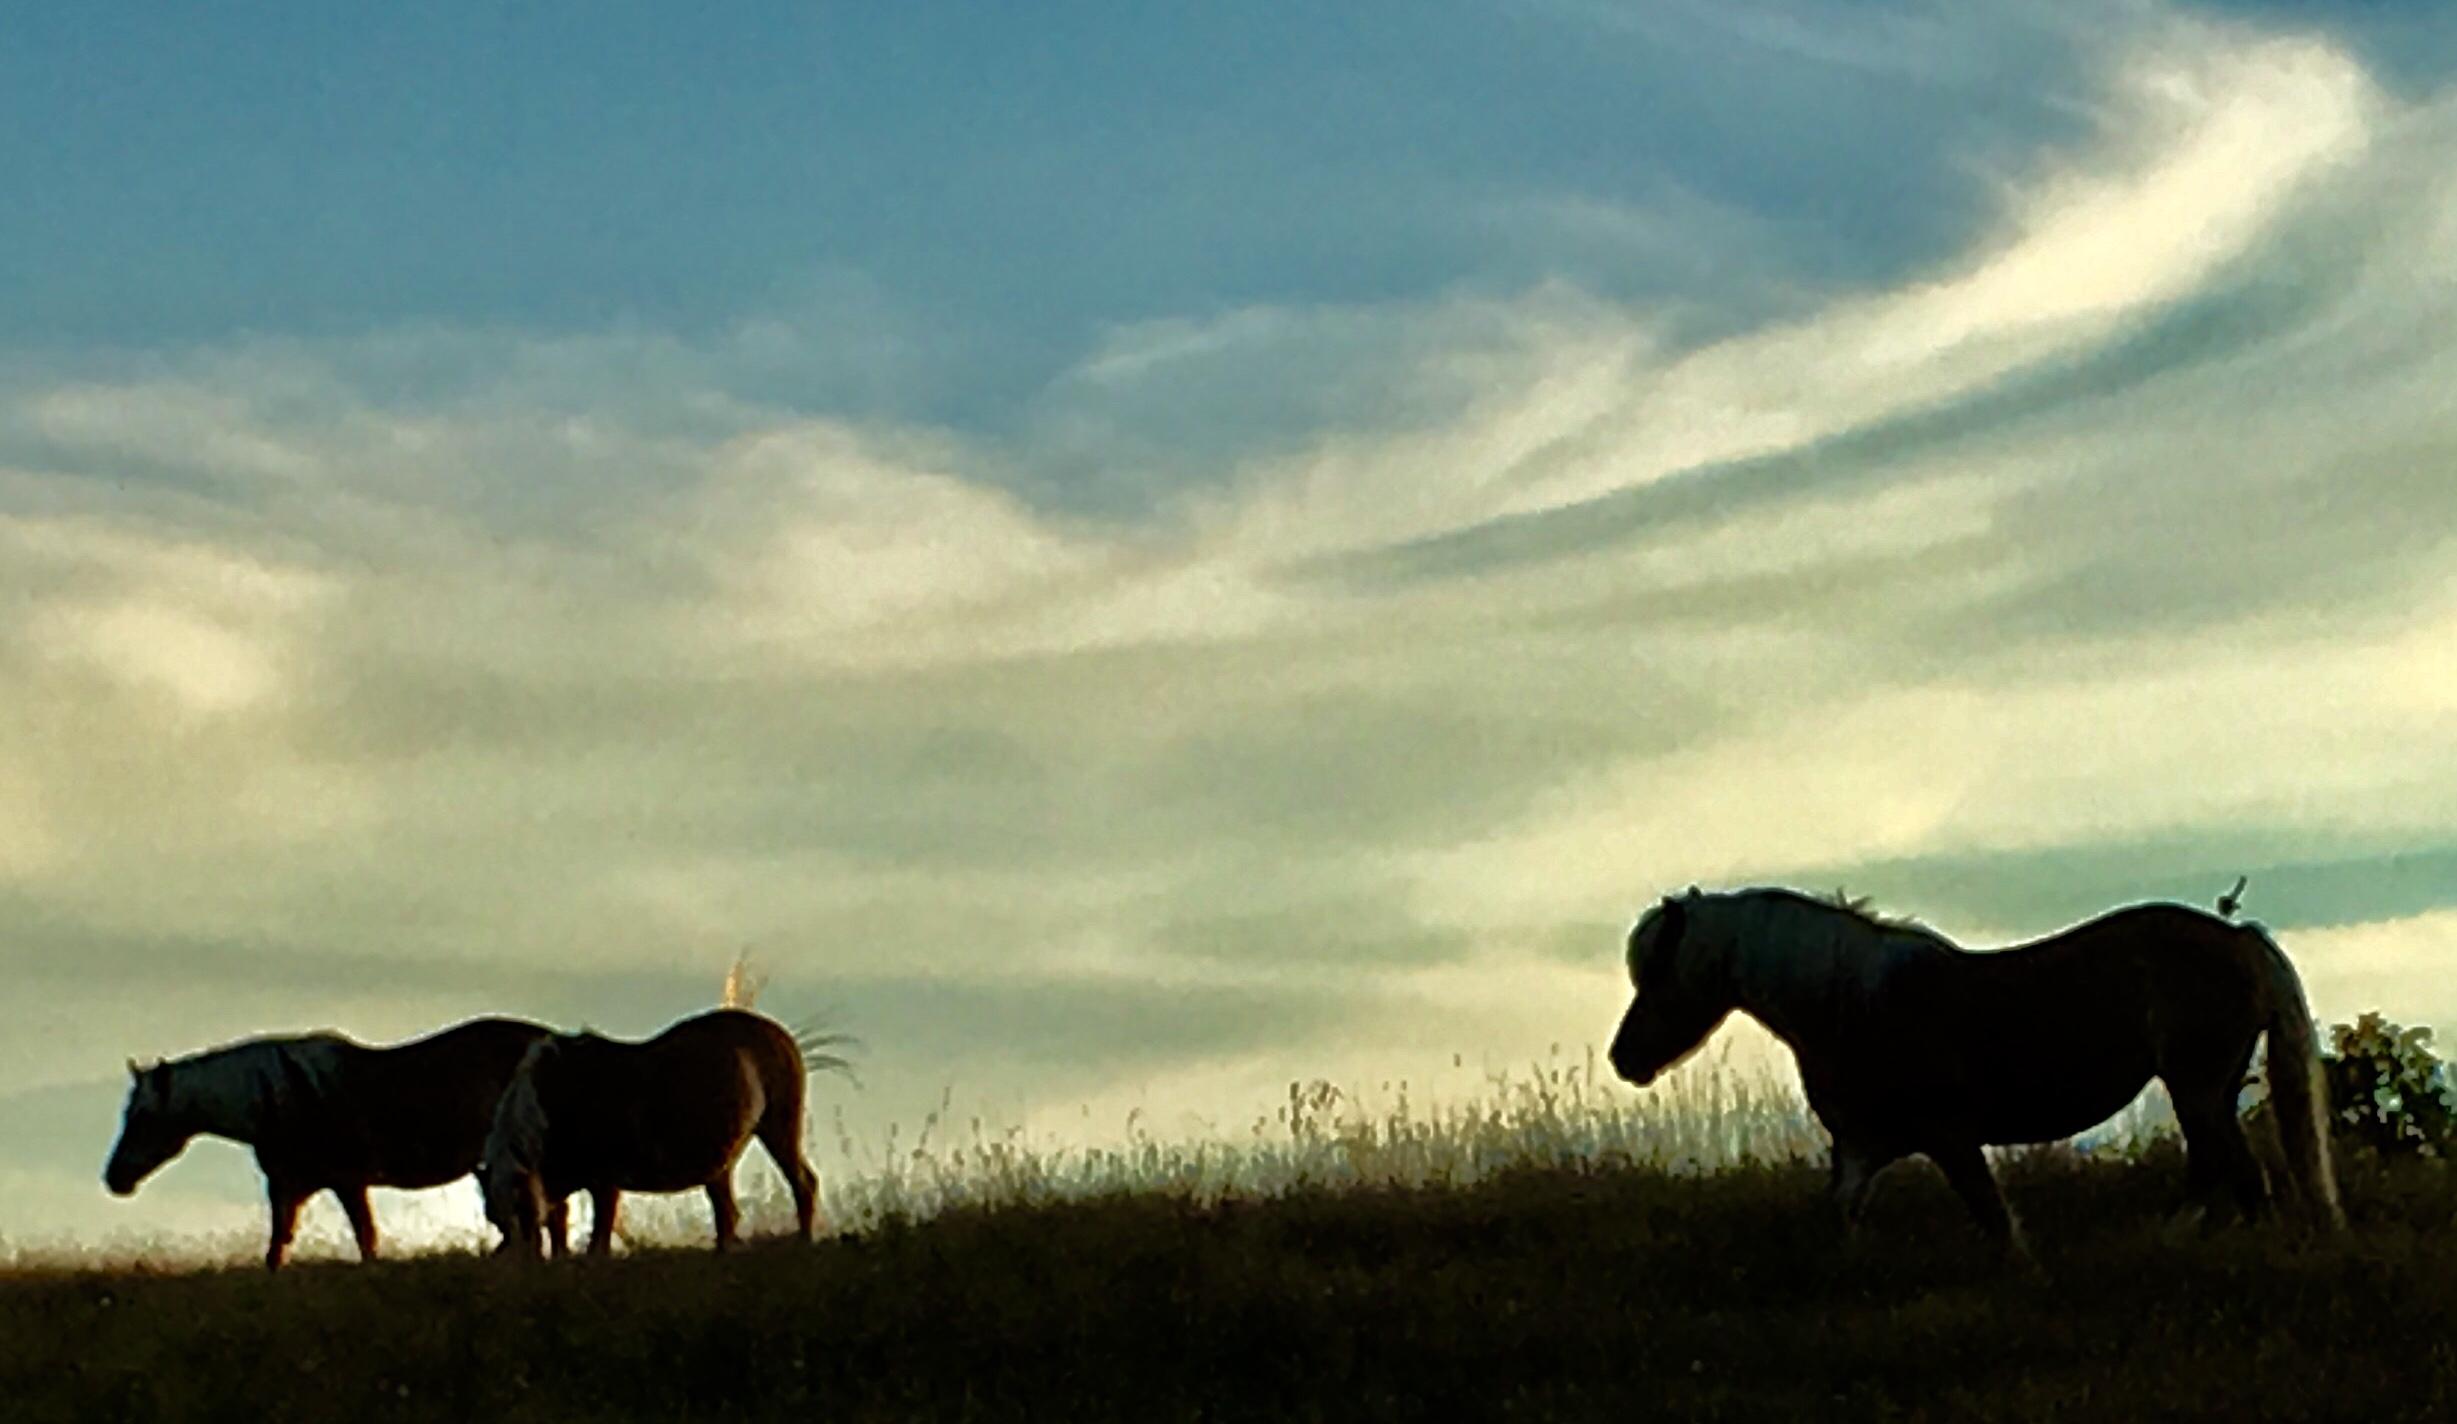 poniesaugust